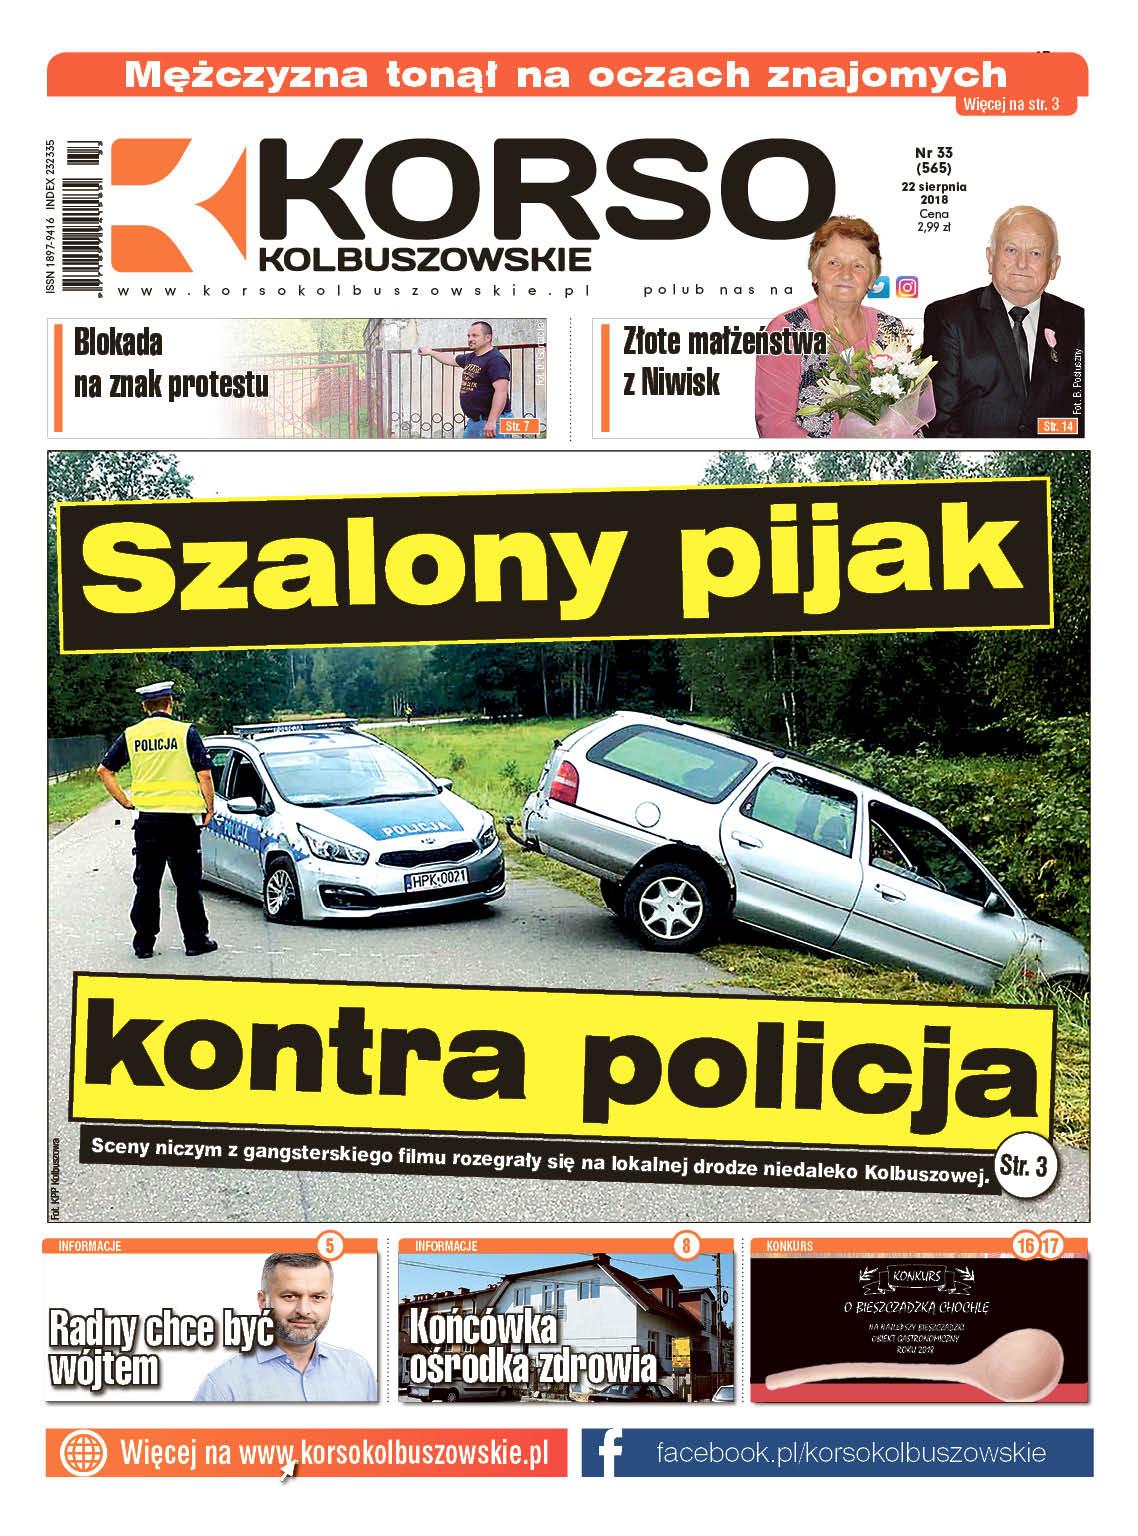 Korso Kolbuszowskie - nr 33/2018 - Zdjęcie główne